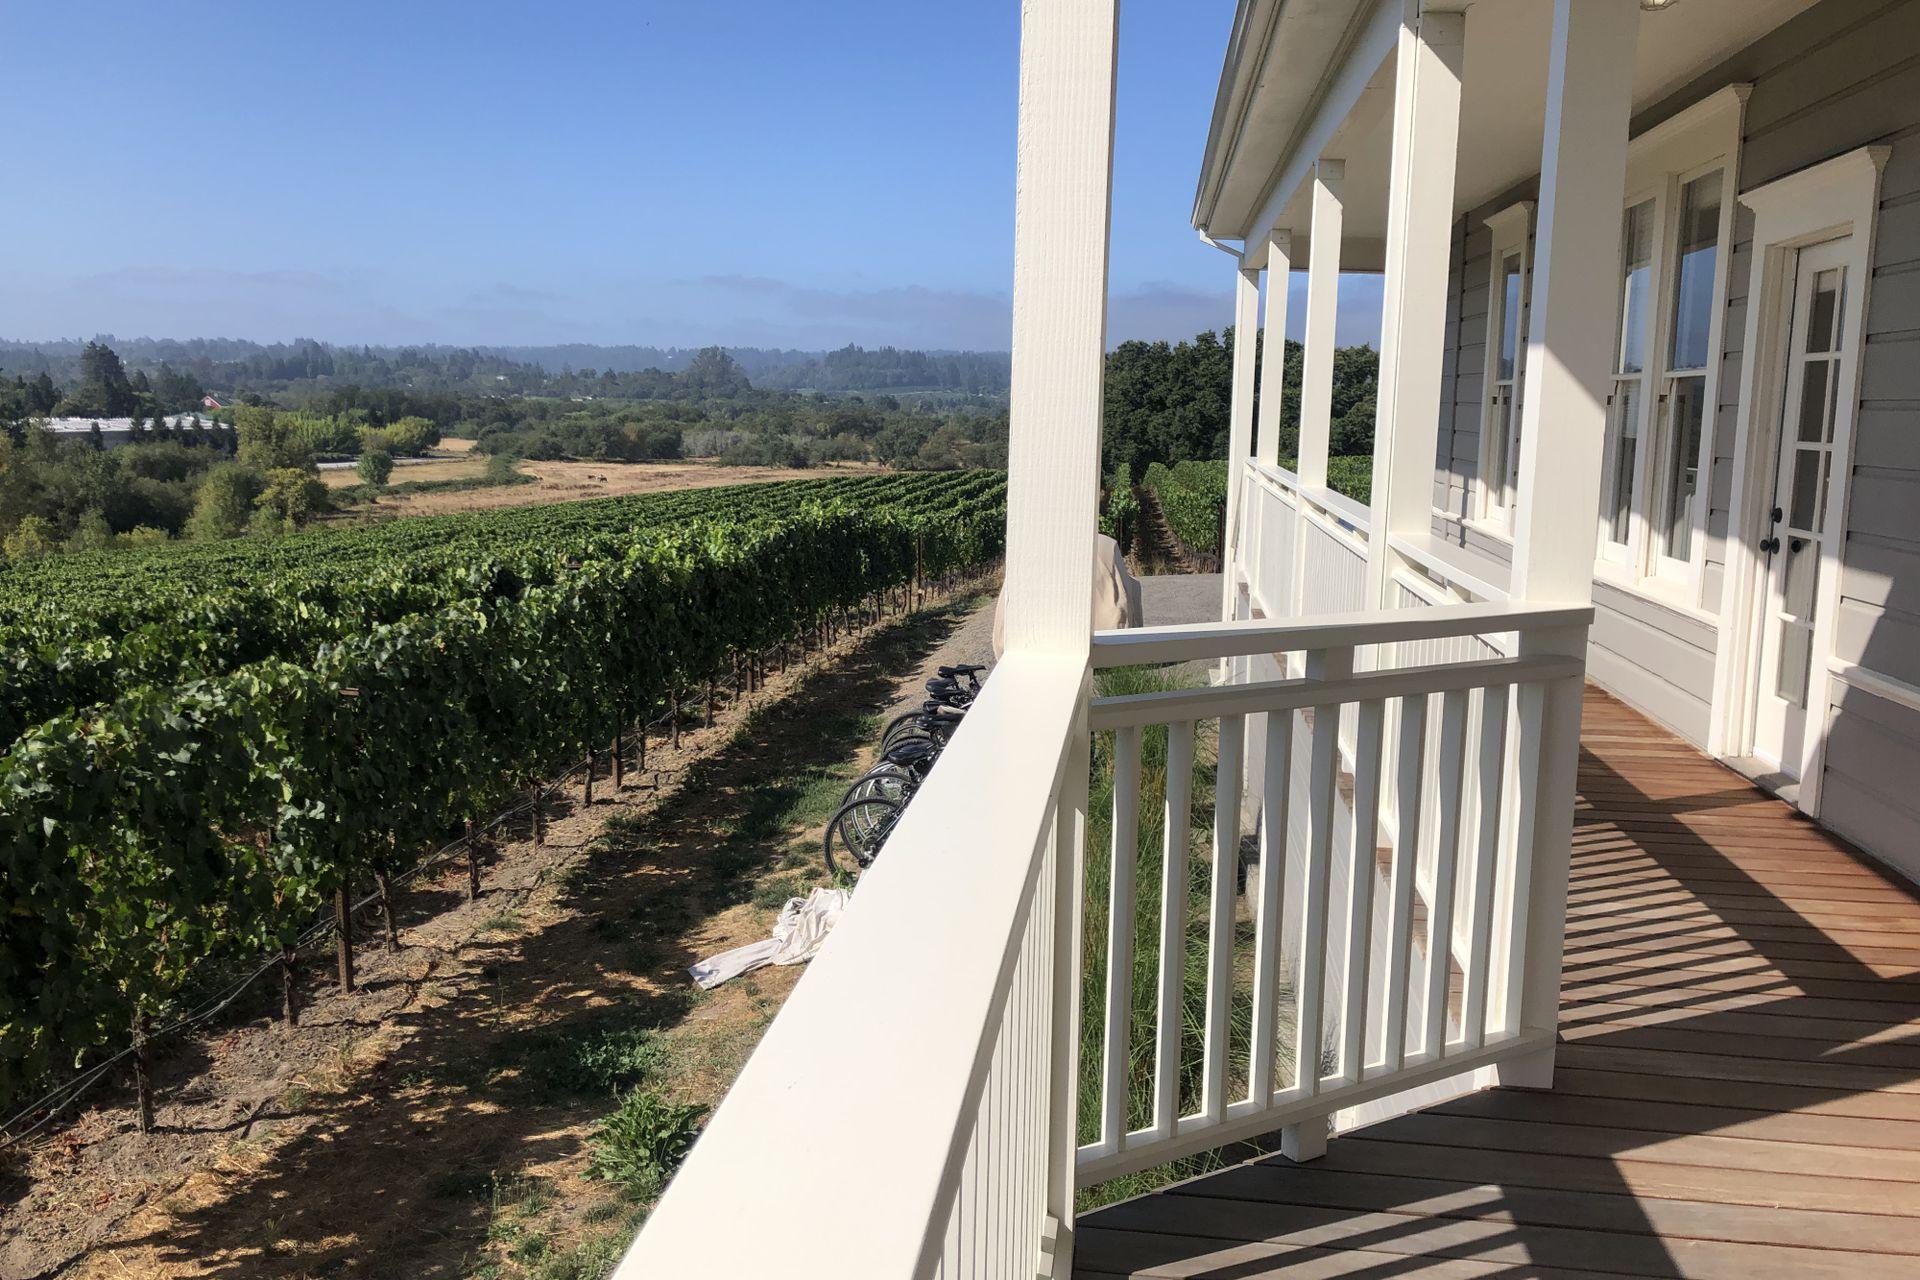 Un nuevo hogar, rodeado de valles, colinas y viñedos.